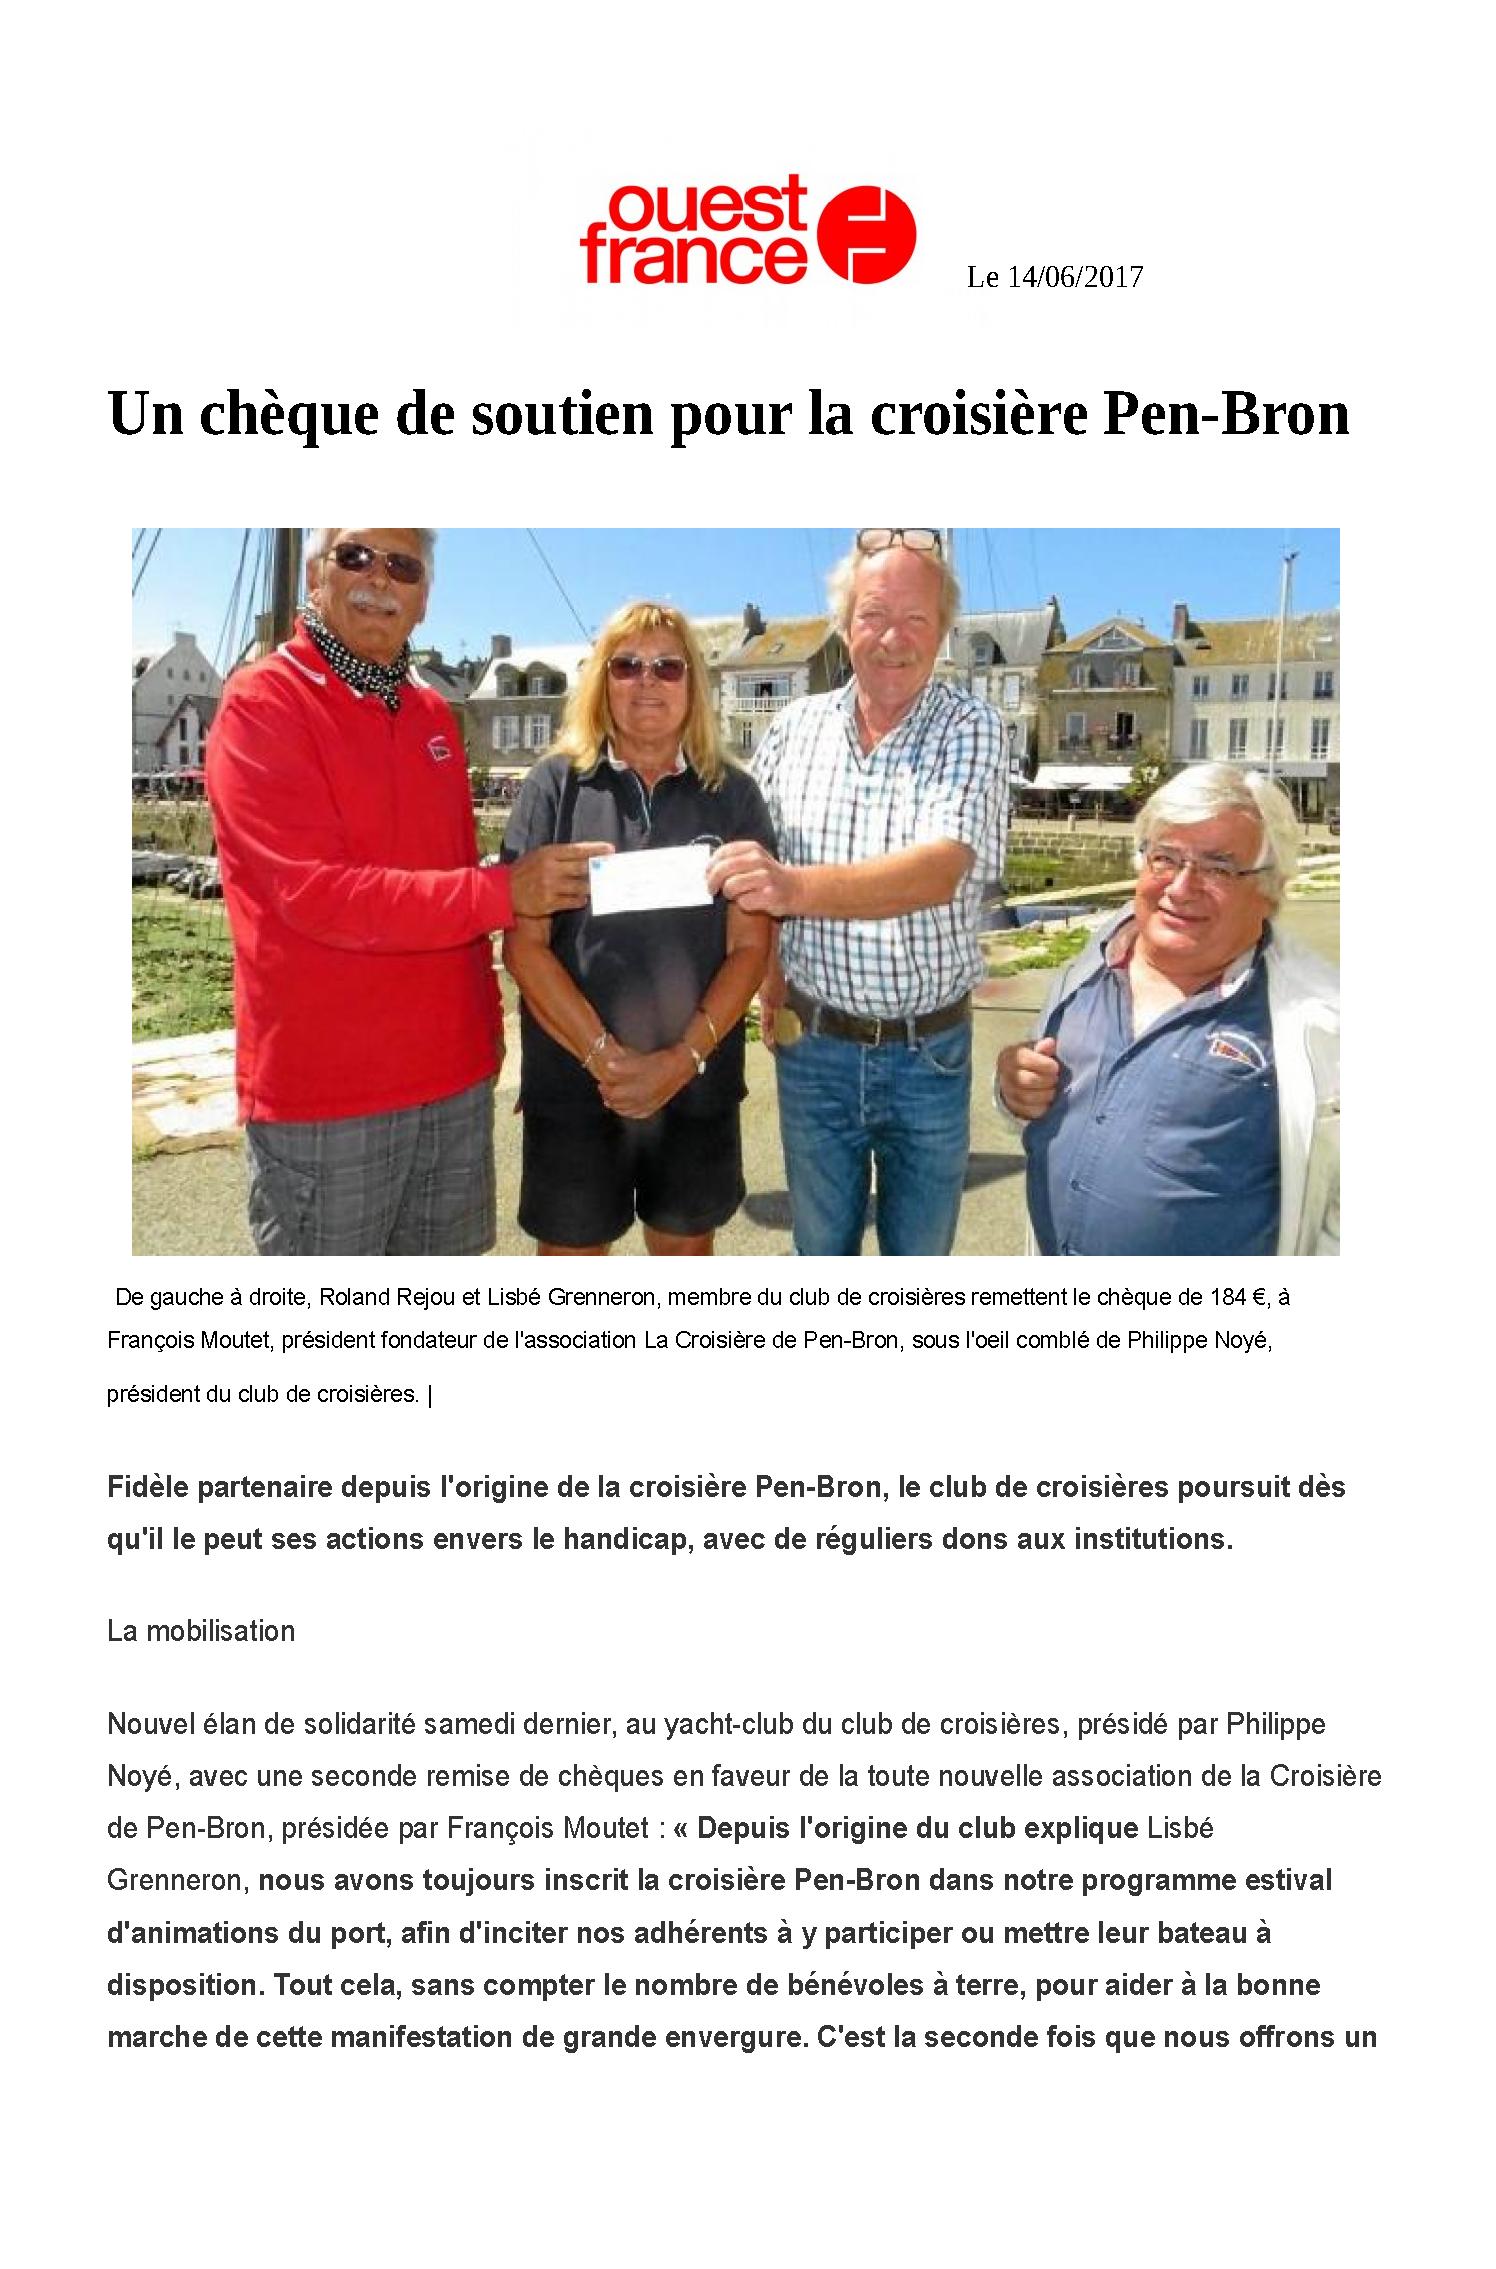 Un chèque de soutien pour la croisière Pen-Bron